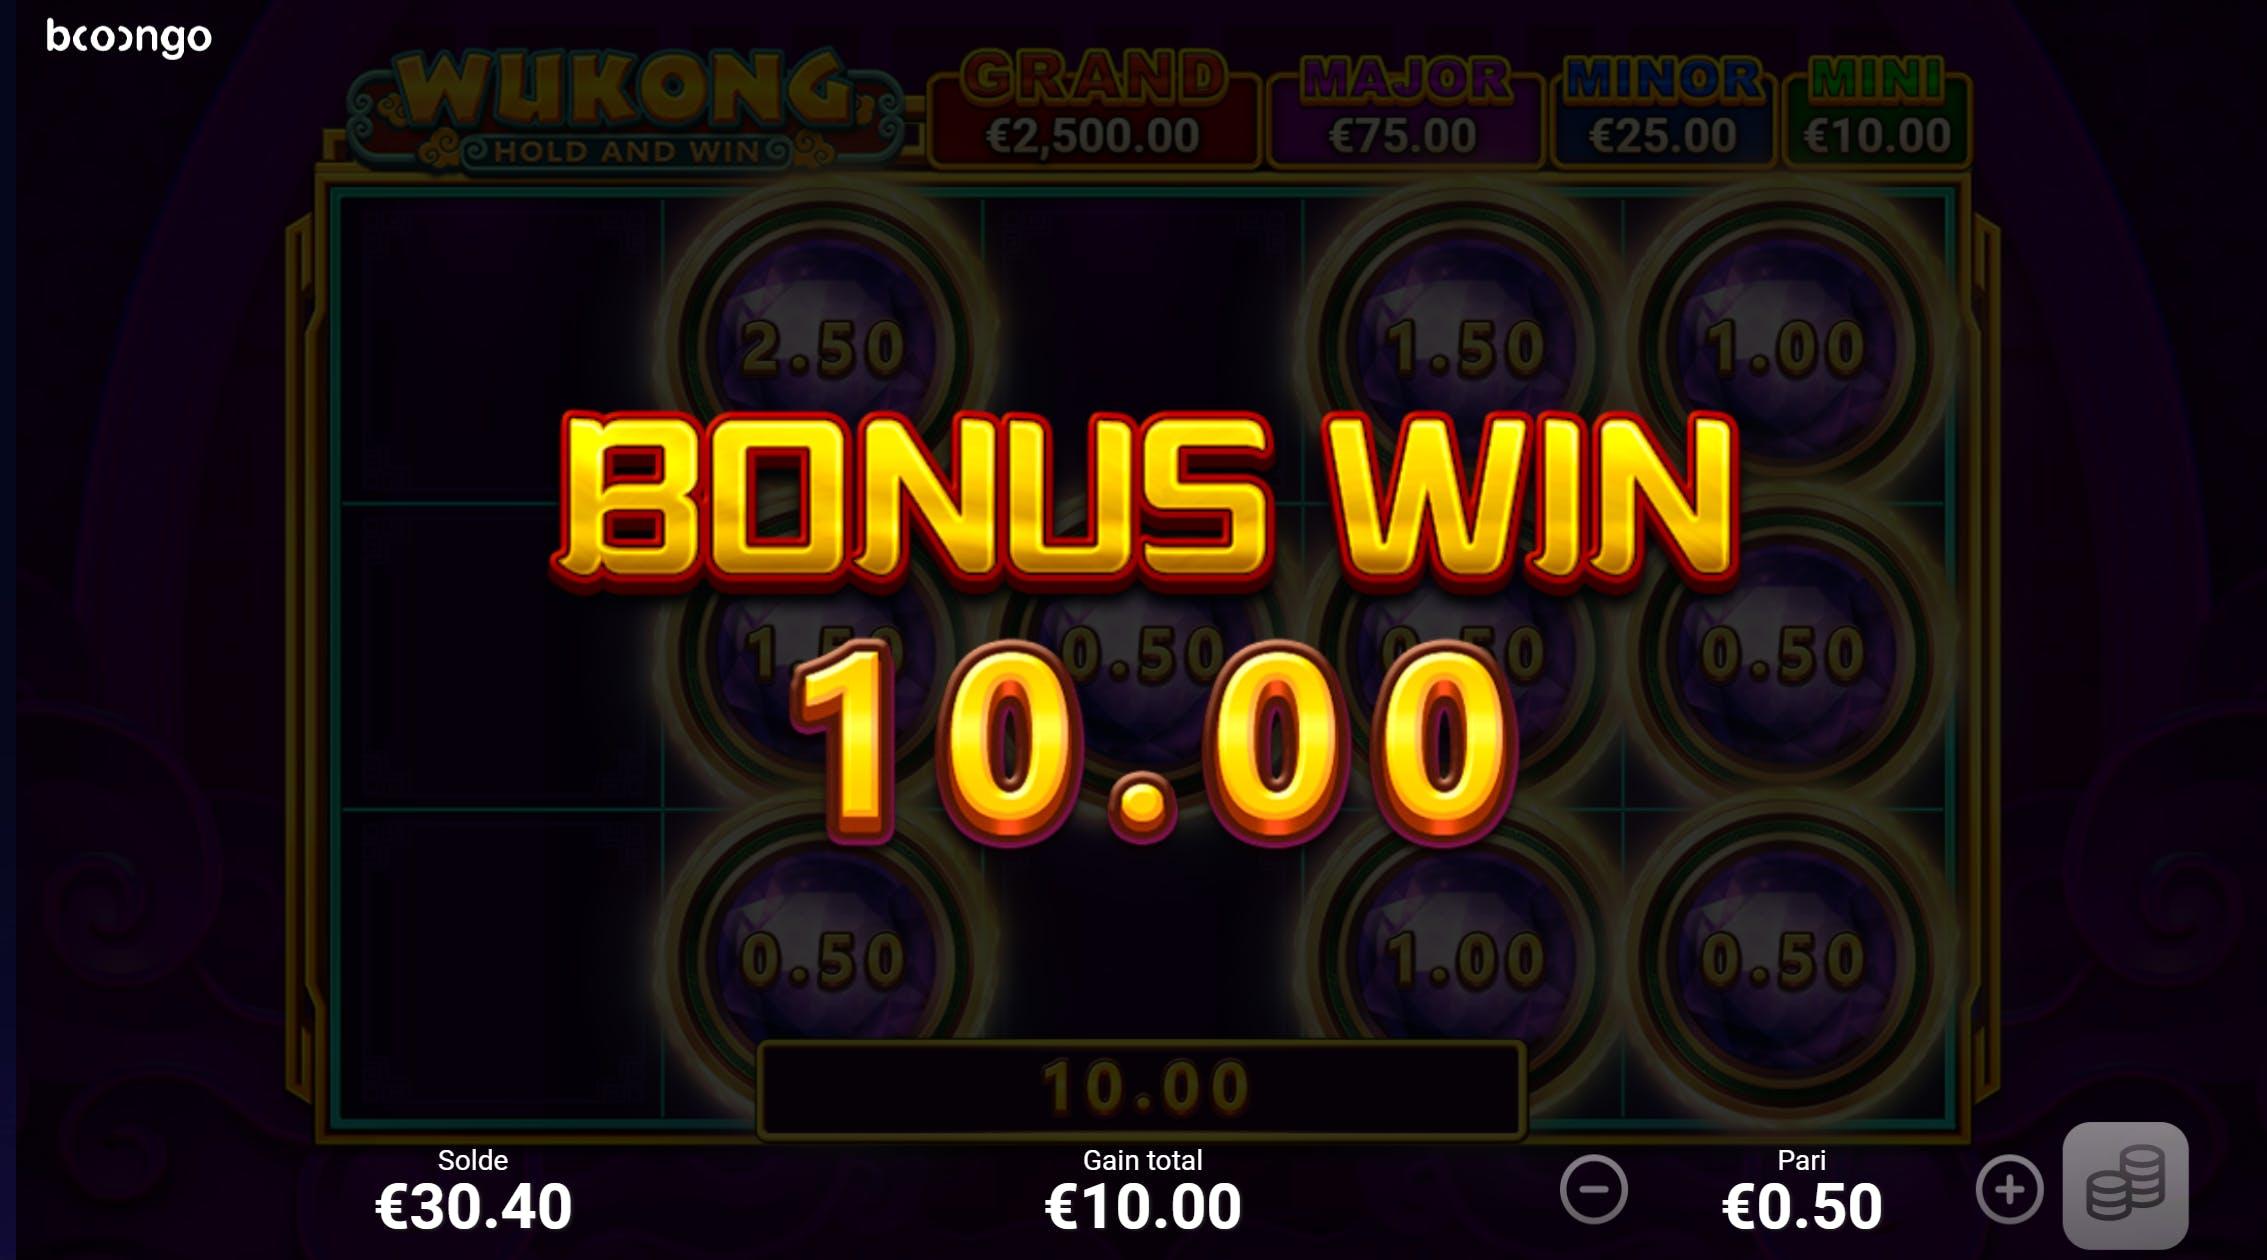 mode bonus de wukong hold and win de boongo